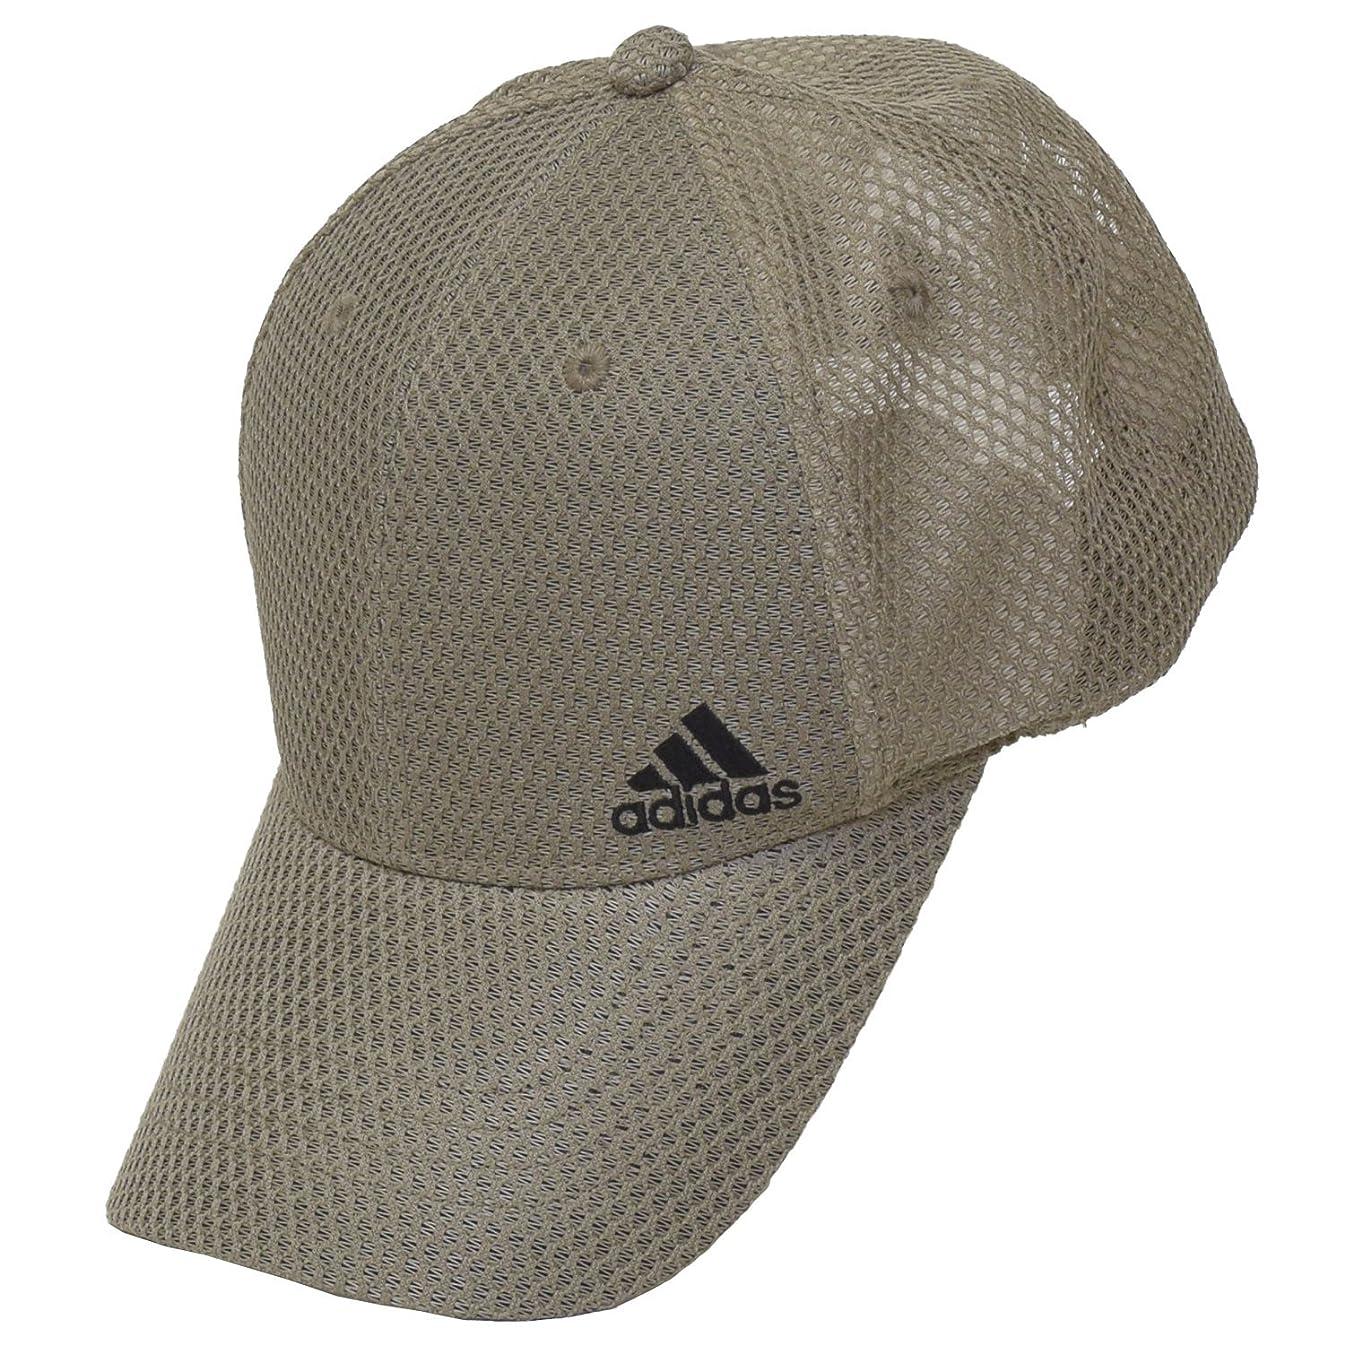 満員活発疫病アディダス(adidas) 機能素材 帽子 キャップ メンズ レディース ゴルフ メッシュキャップ スポーツ アスリート adk-100711413